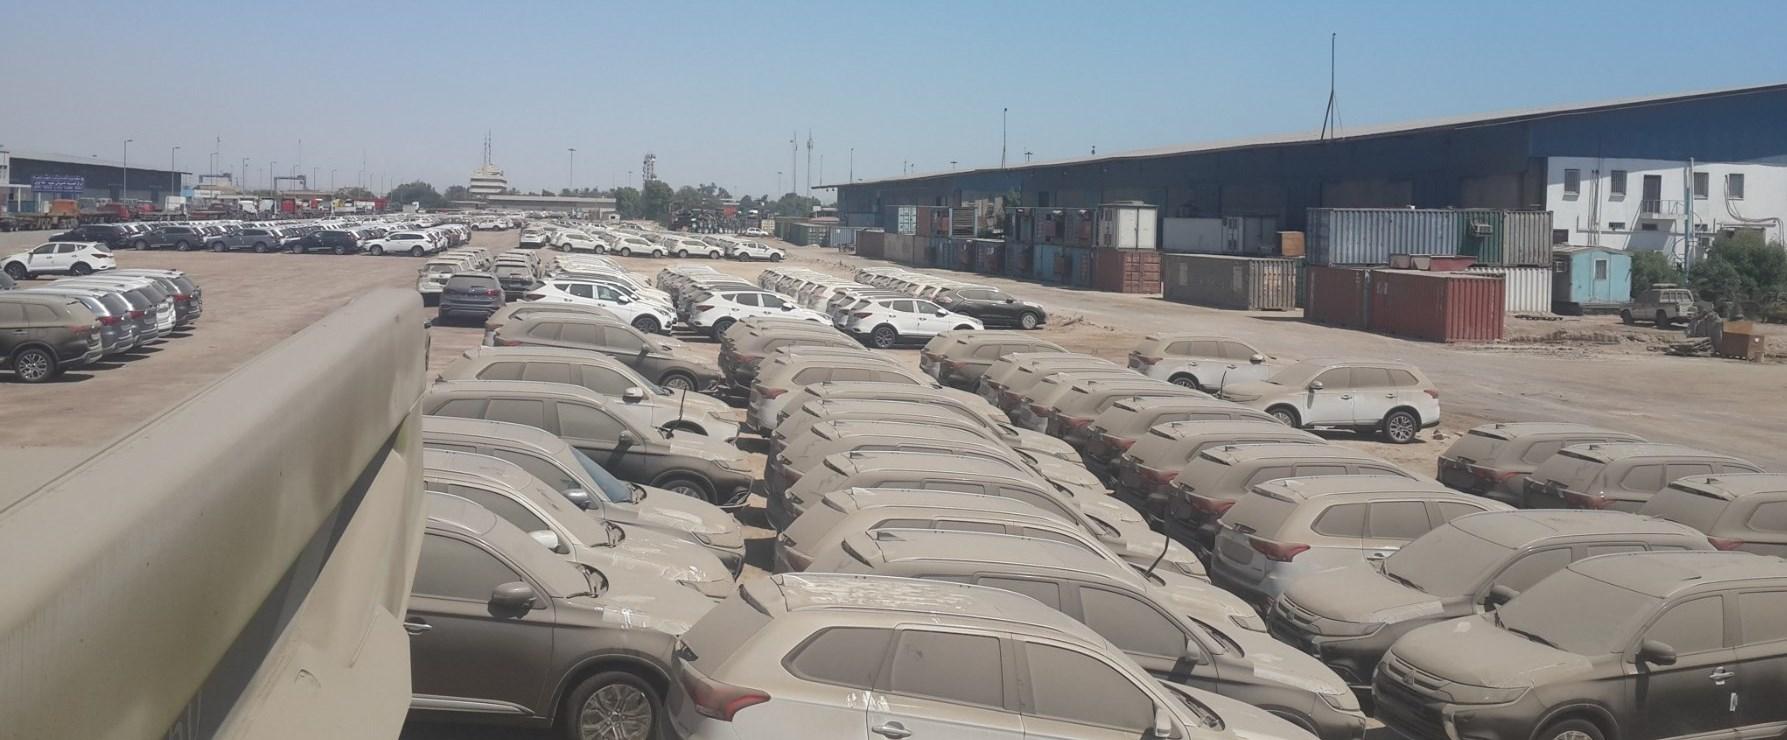 سود واردات خودرو ثبت سفارش خودرو اخبار بازار خودرو آخرین اخبار واردات خودرو